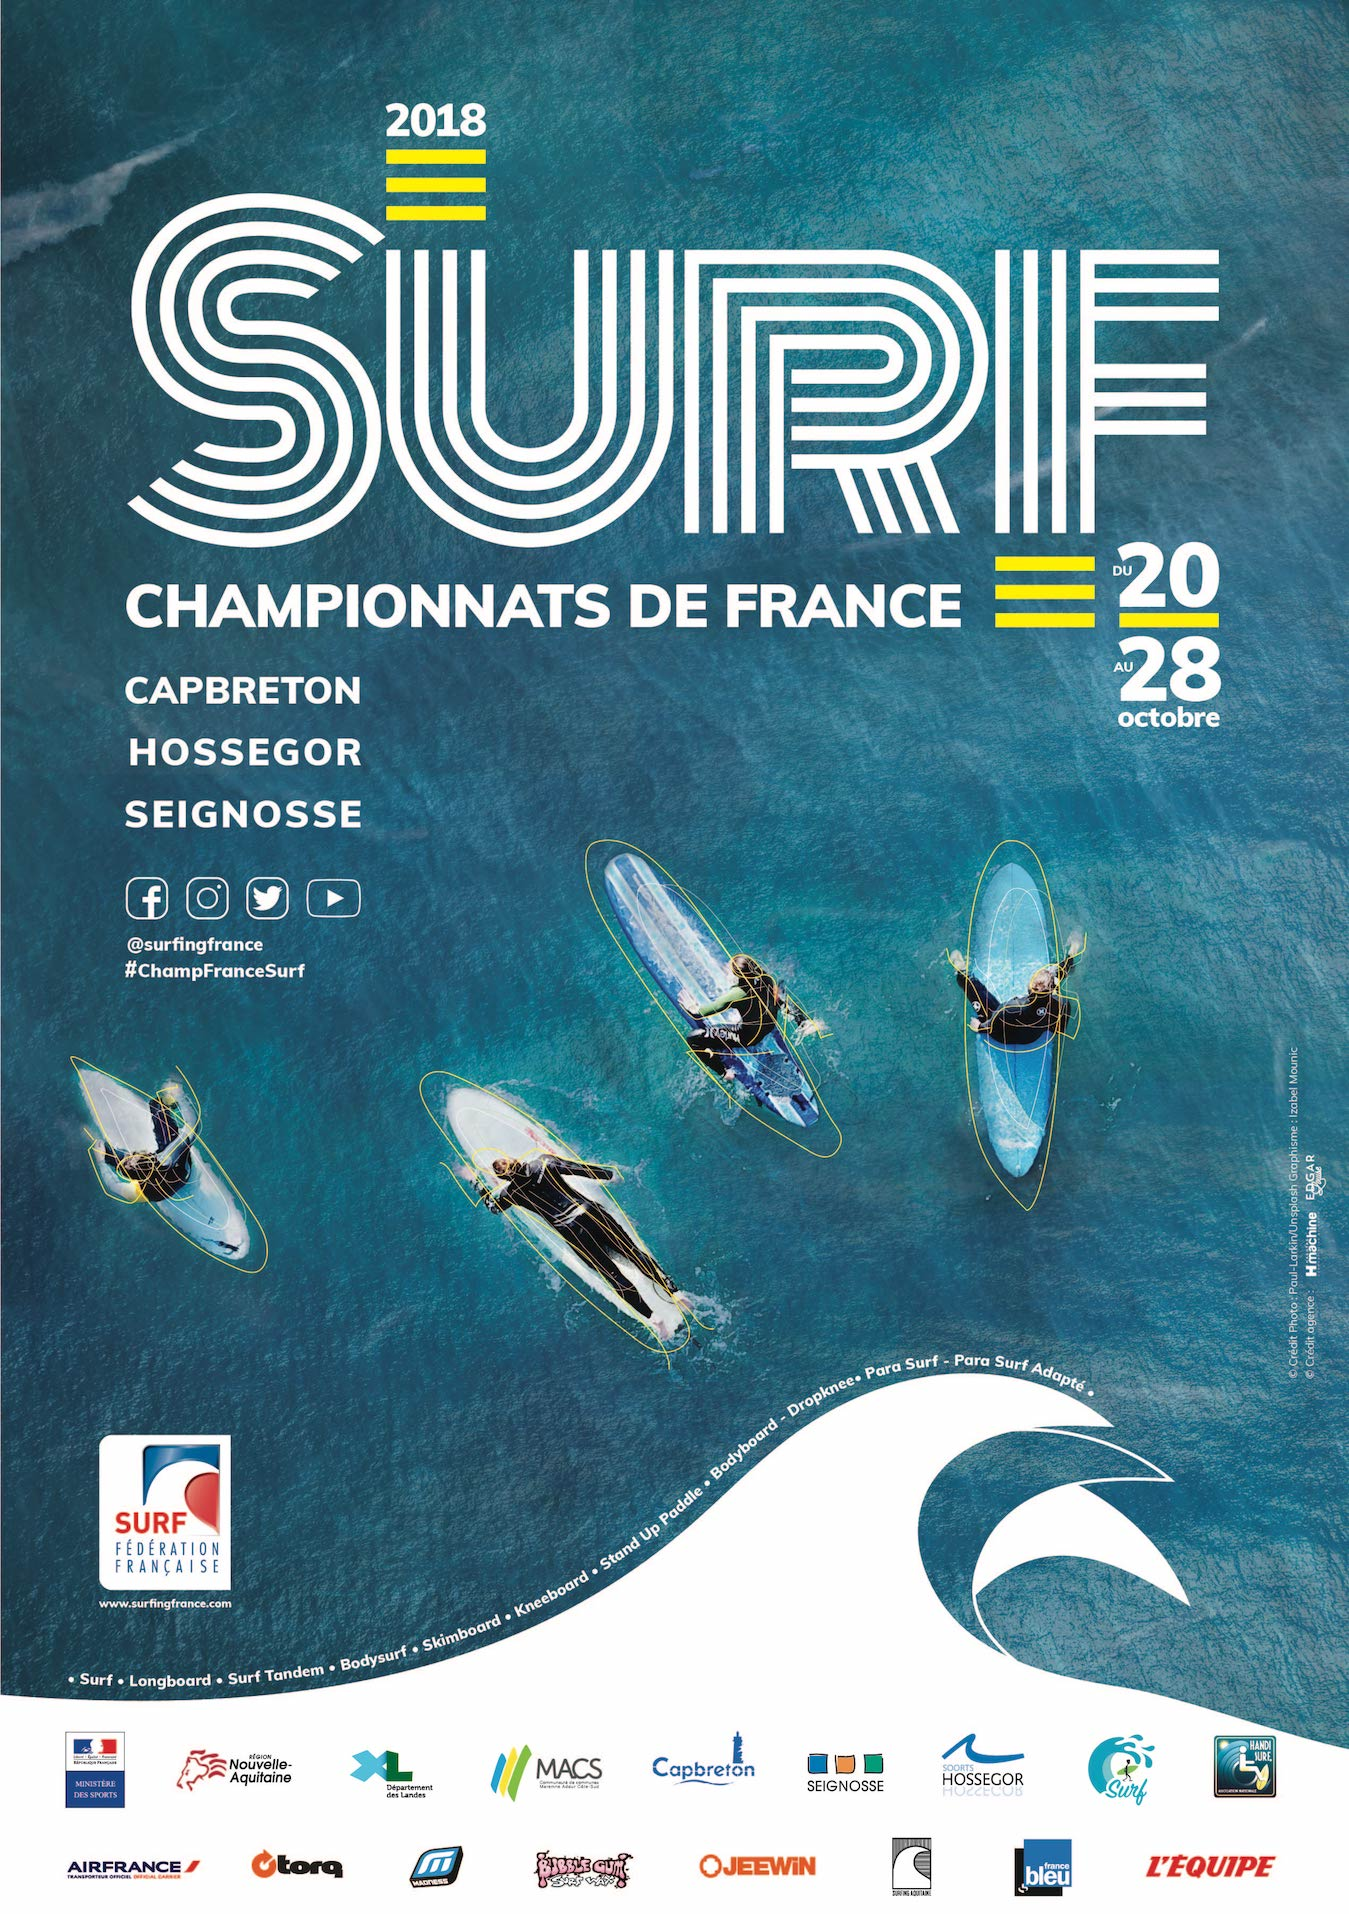 Championnats de France de Surf 2018 à Hossegor, seignossse et Capbreton